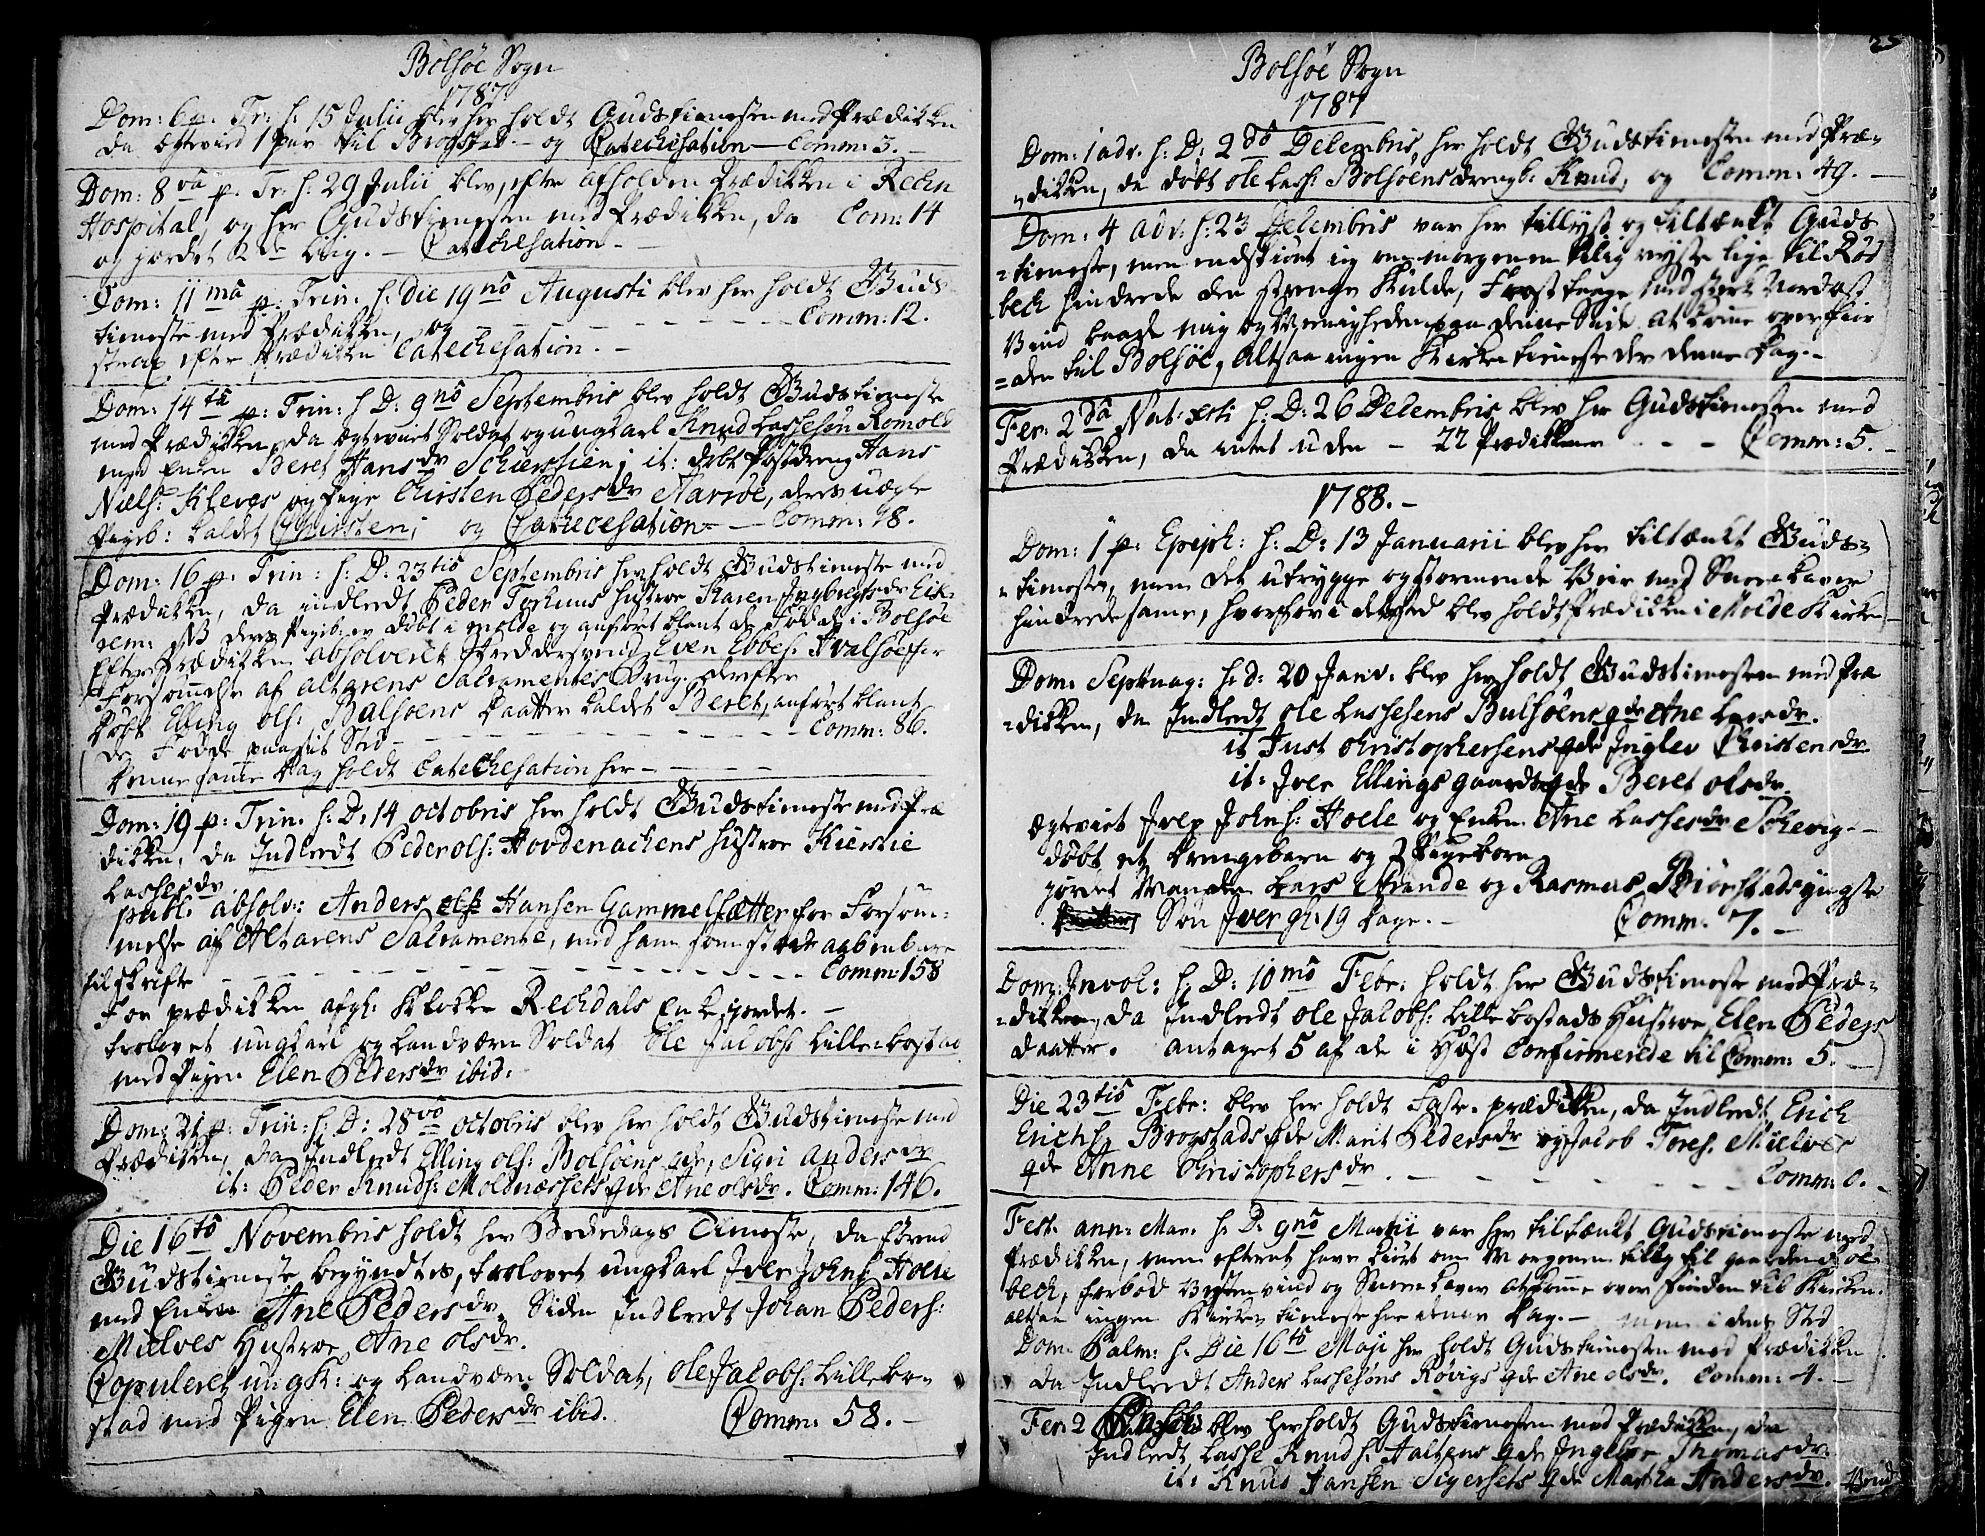 SAT, Ministerialprotokoller, klokkerbøker og fødselsregistre - Møre og Romsdal, 555/L0648: Ministerialbok nr. 555A01, 1759-1793, s. 25